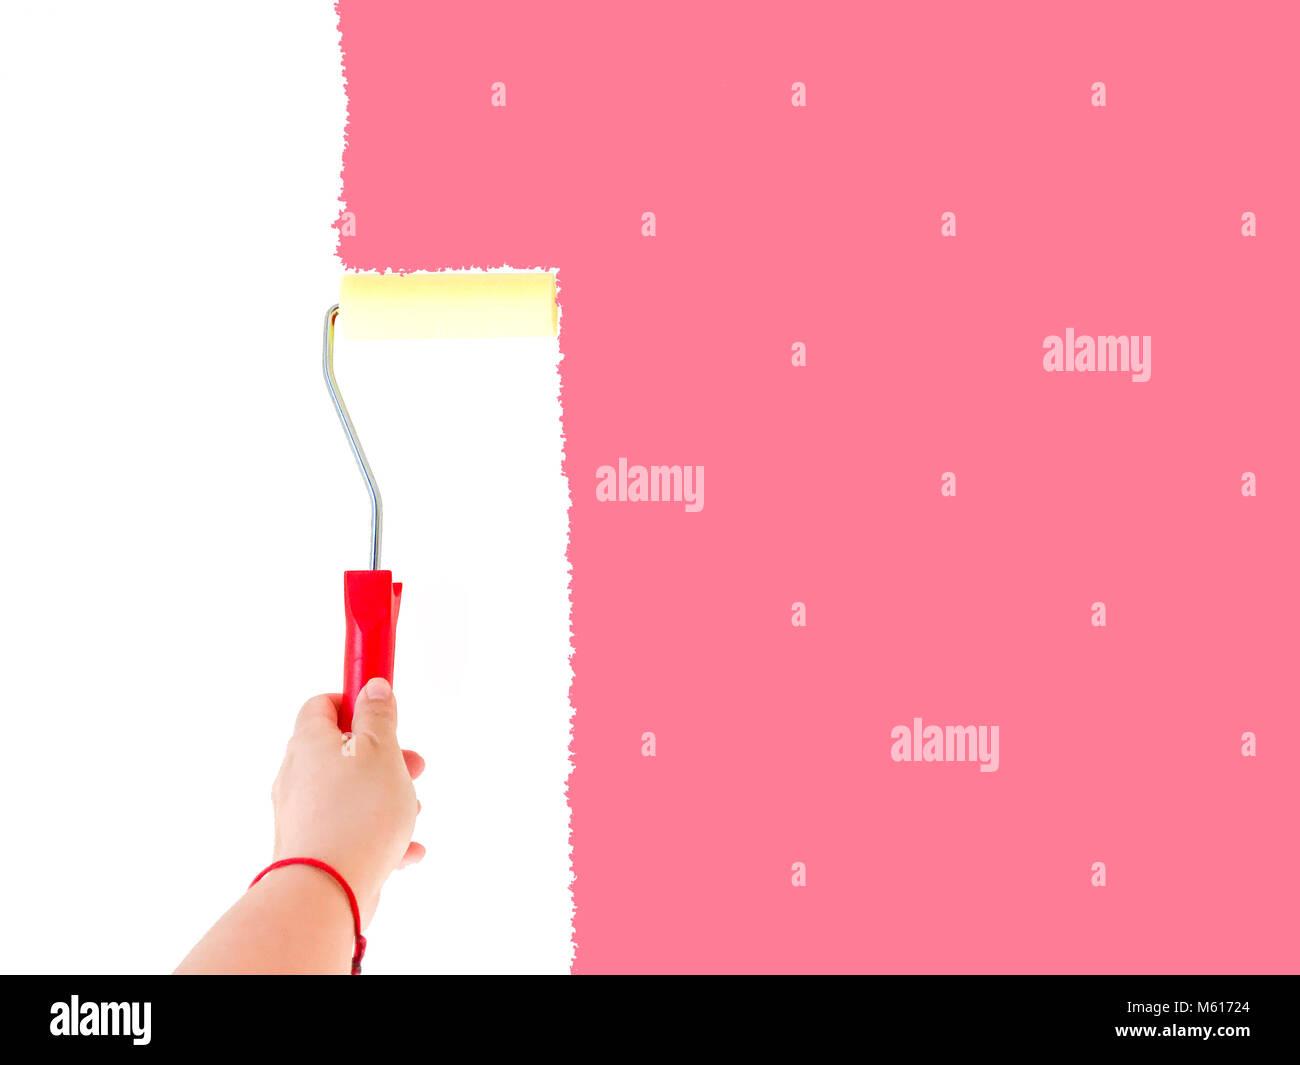 Personne à Peindre Un Mur Blanc Avec Une Brosse Rotative